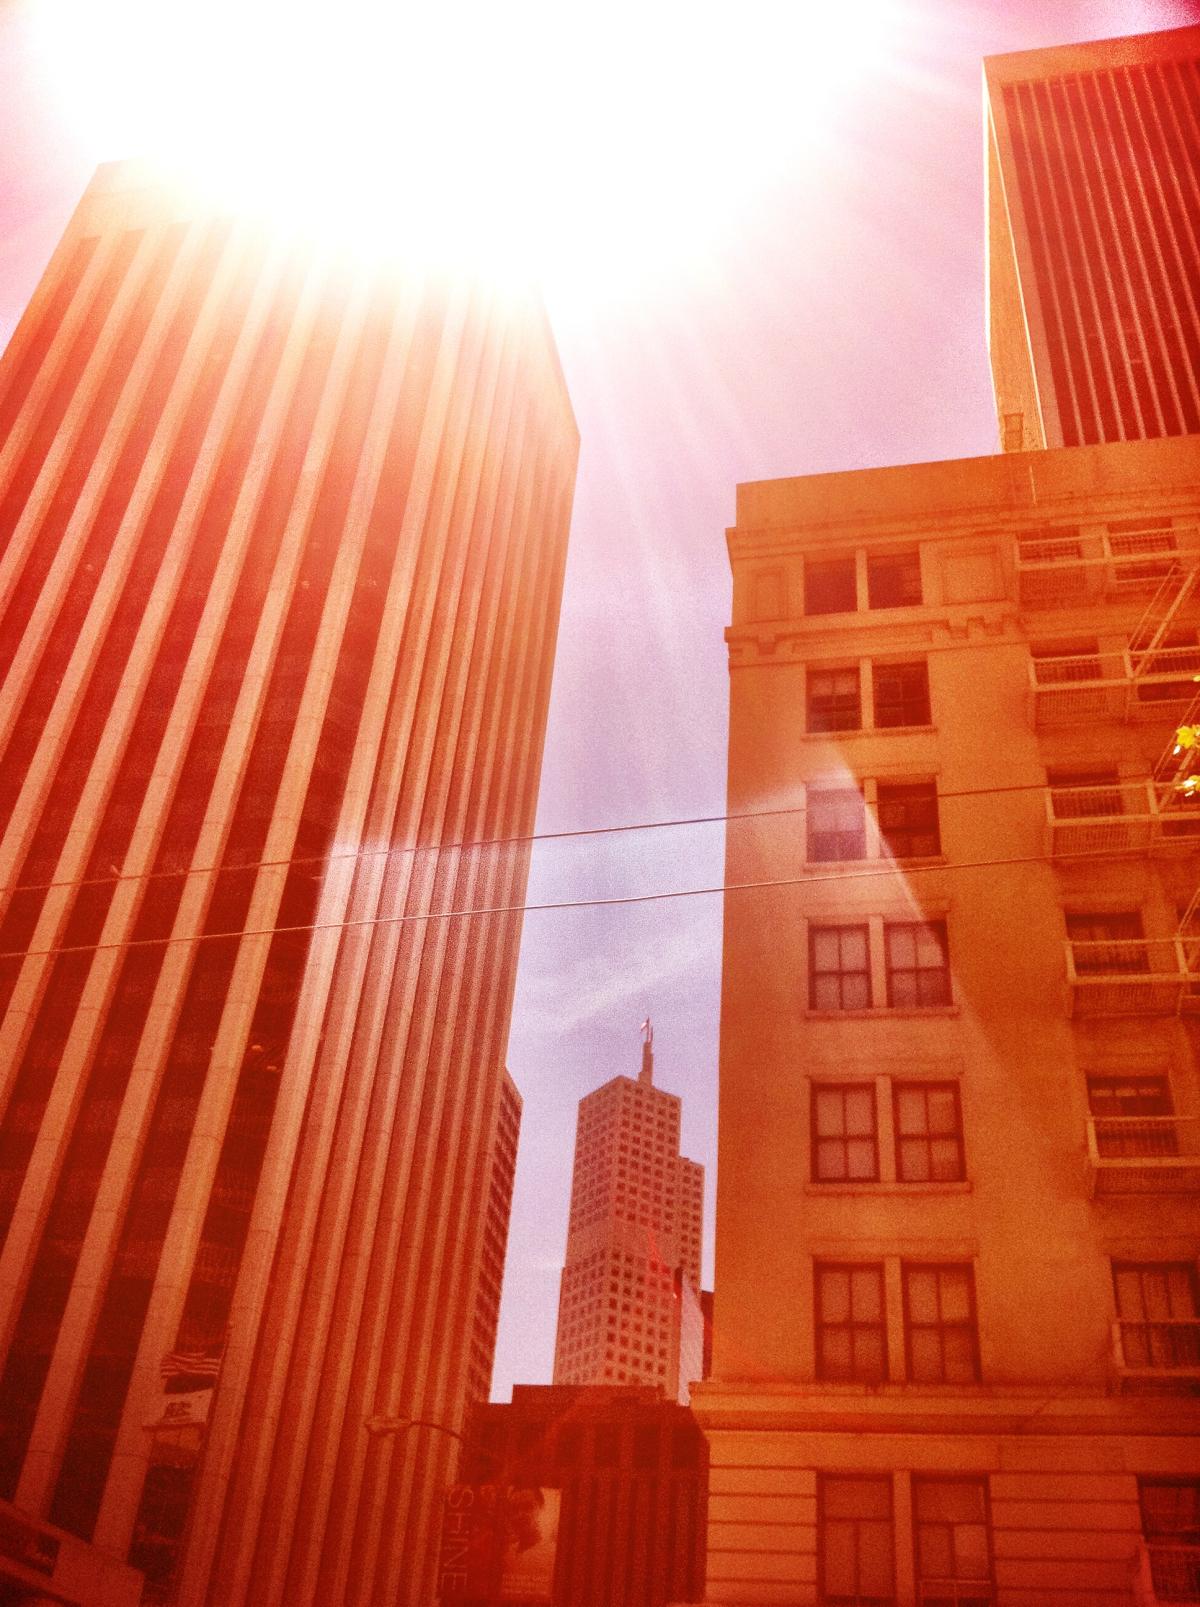 hot day - 052611.jpg